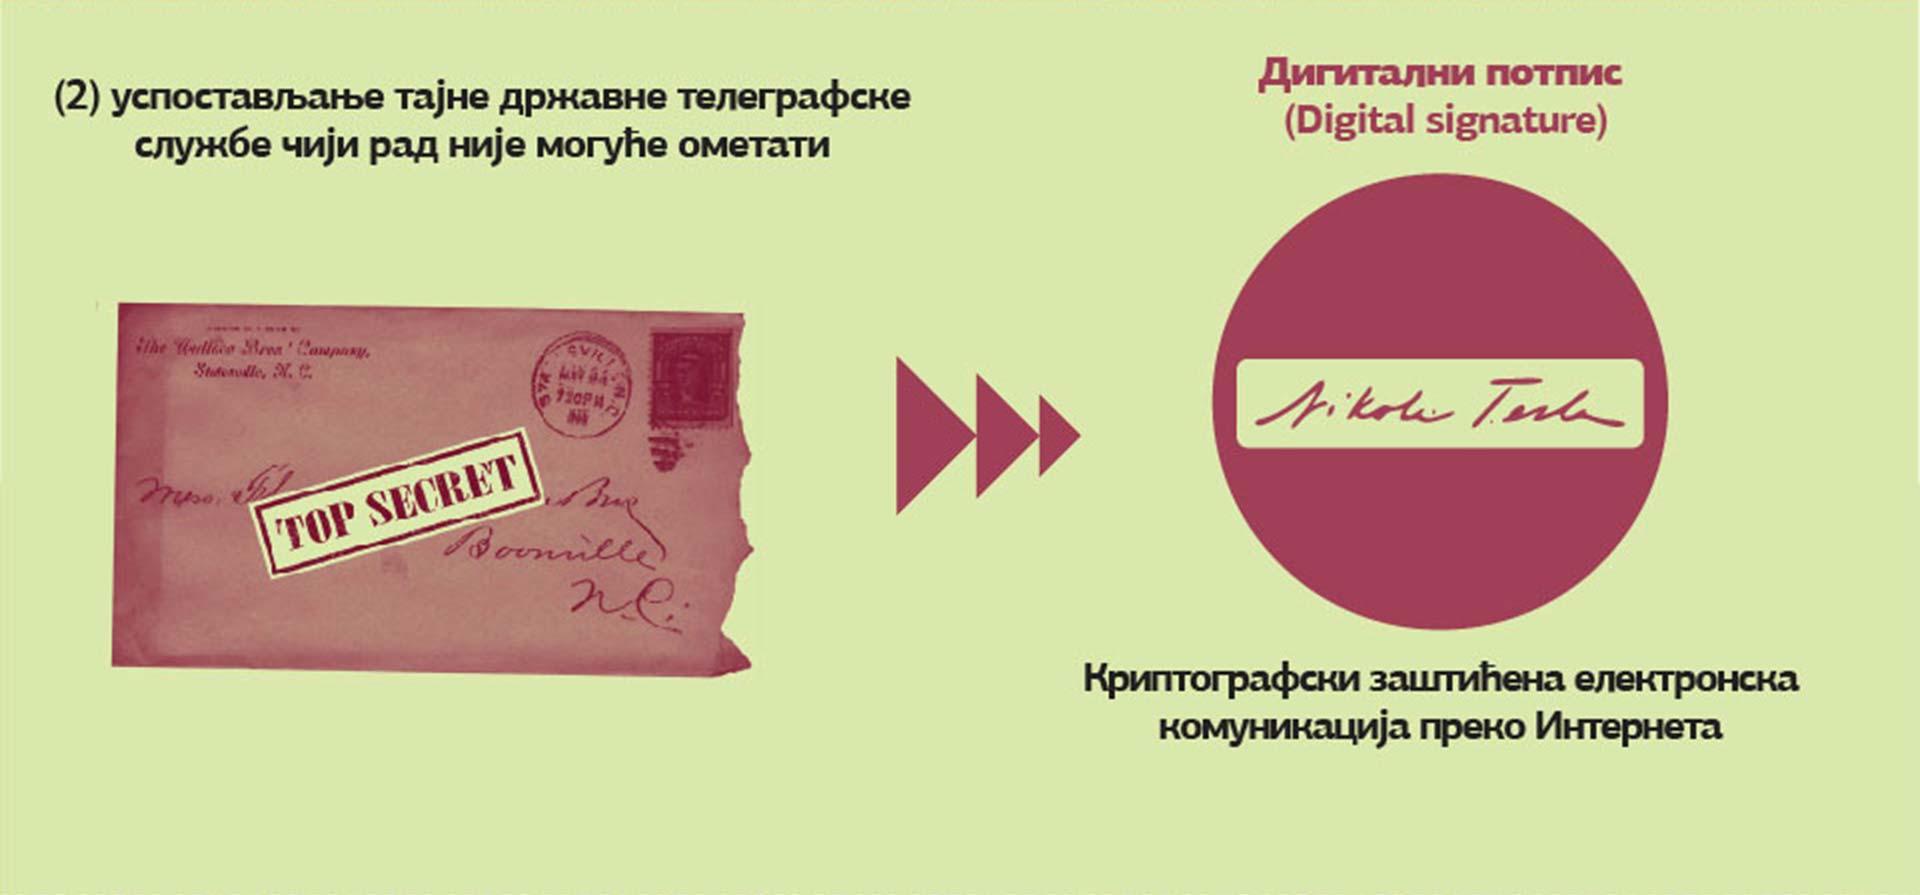 Digitalni potpis